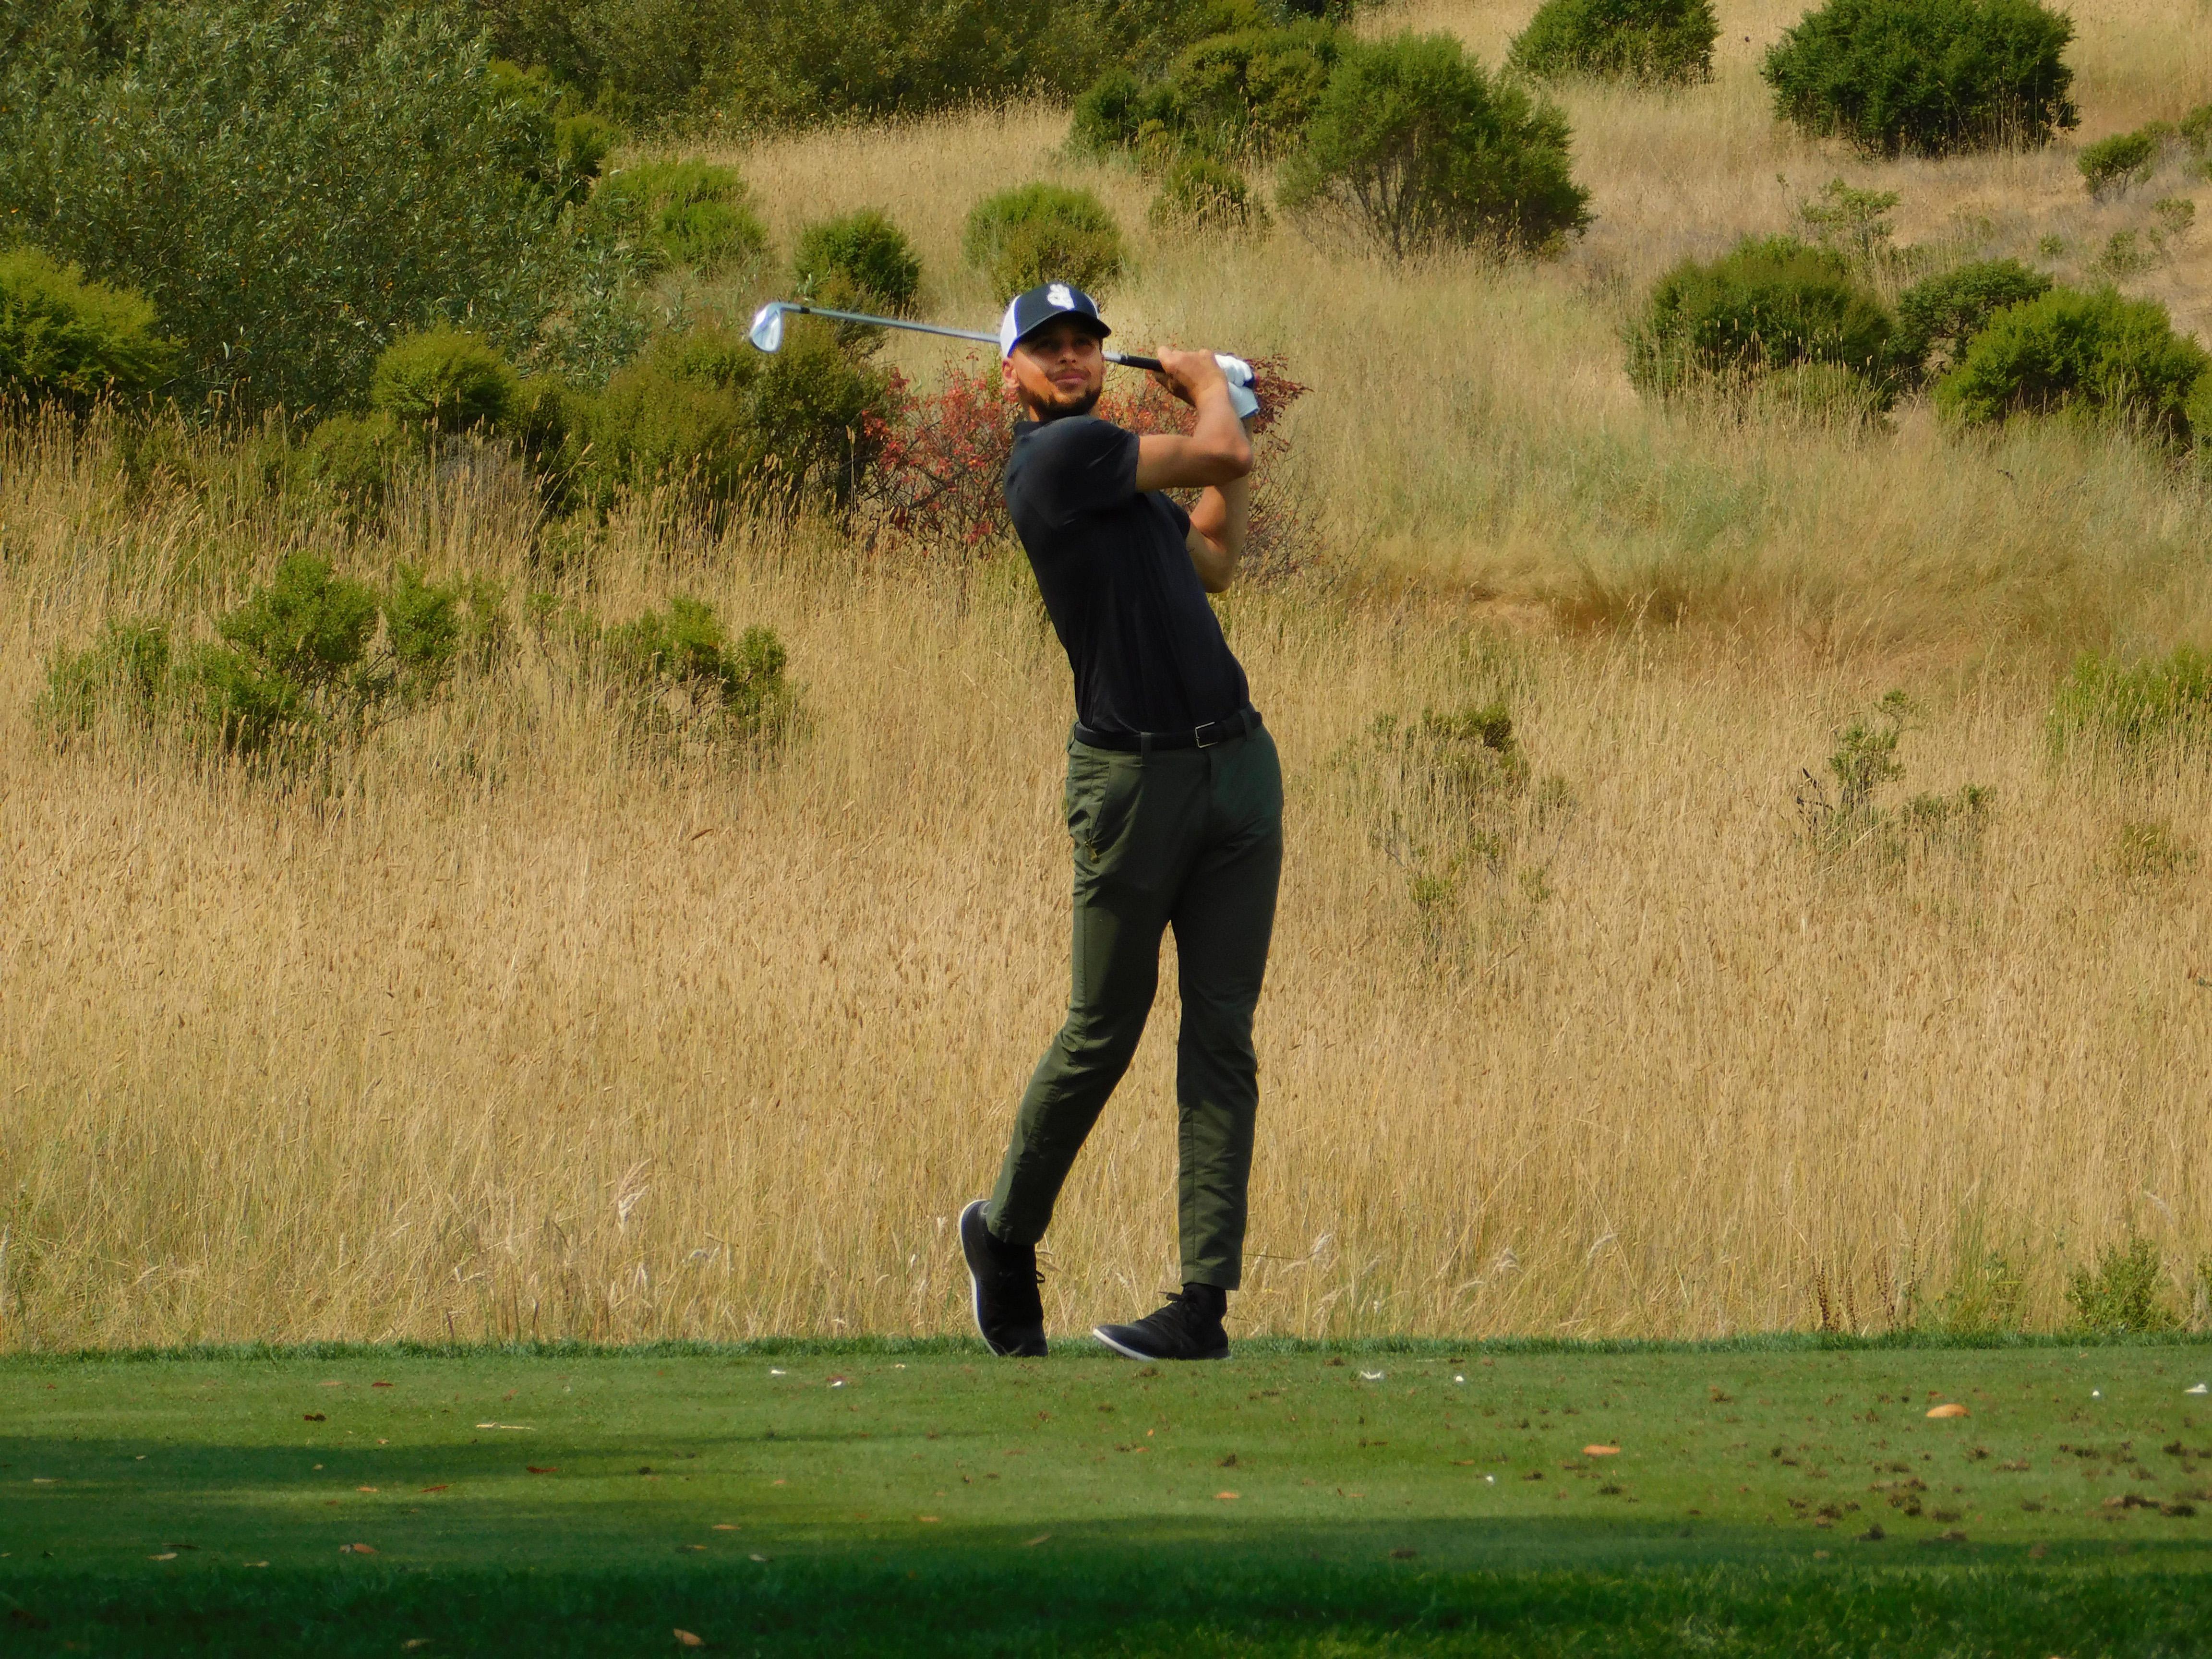 7月7日,斯蒂芬·库里在艾莉梅精英赛周二的练习轮中。Chrix Cox/PGA TOUR